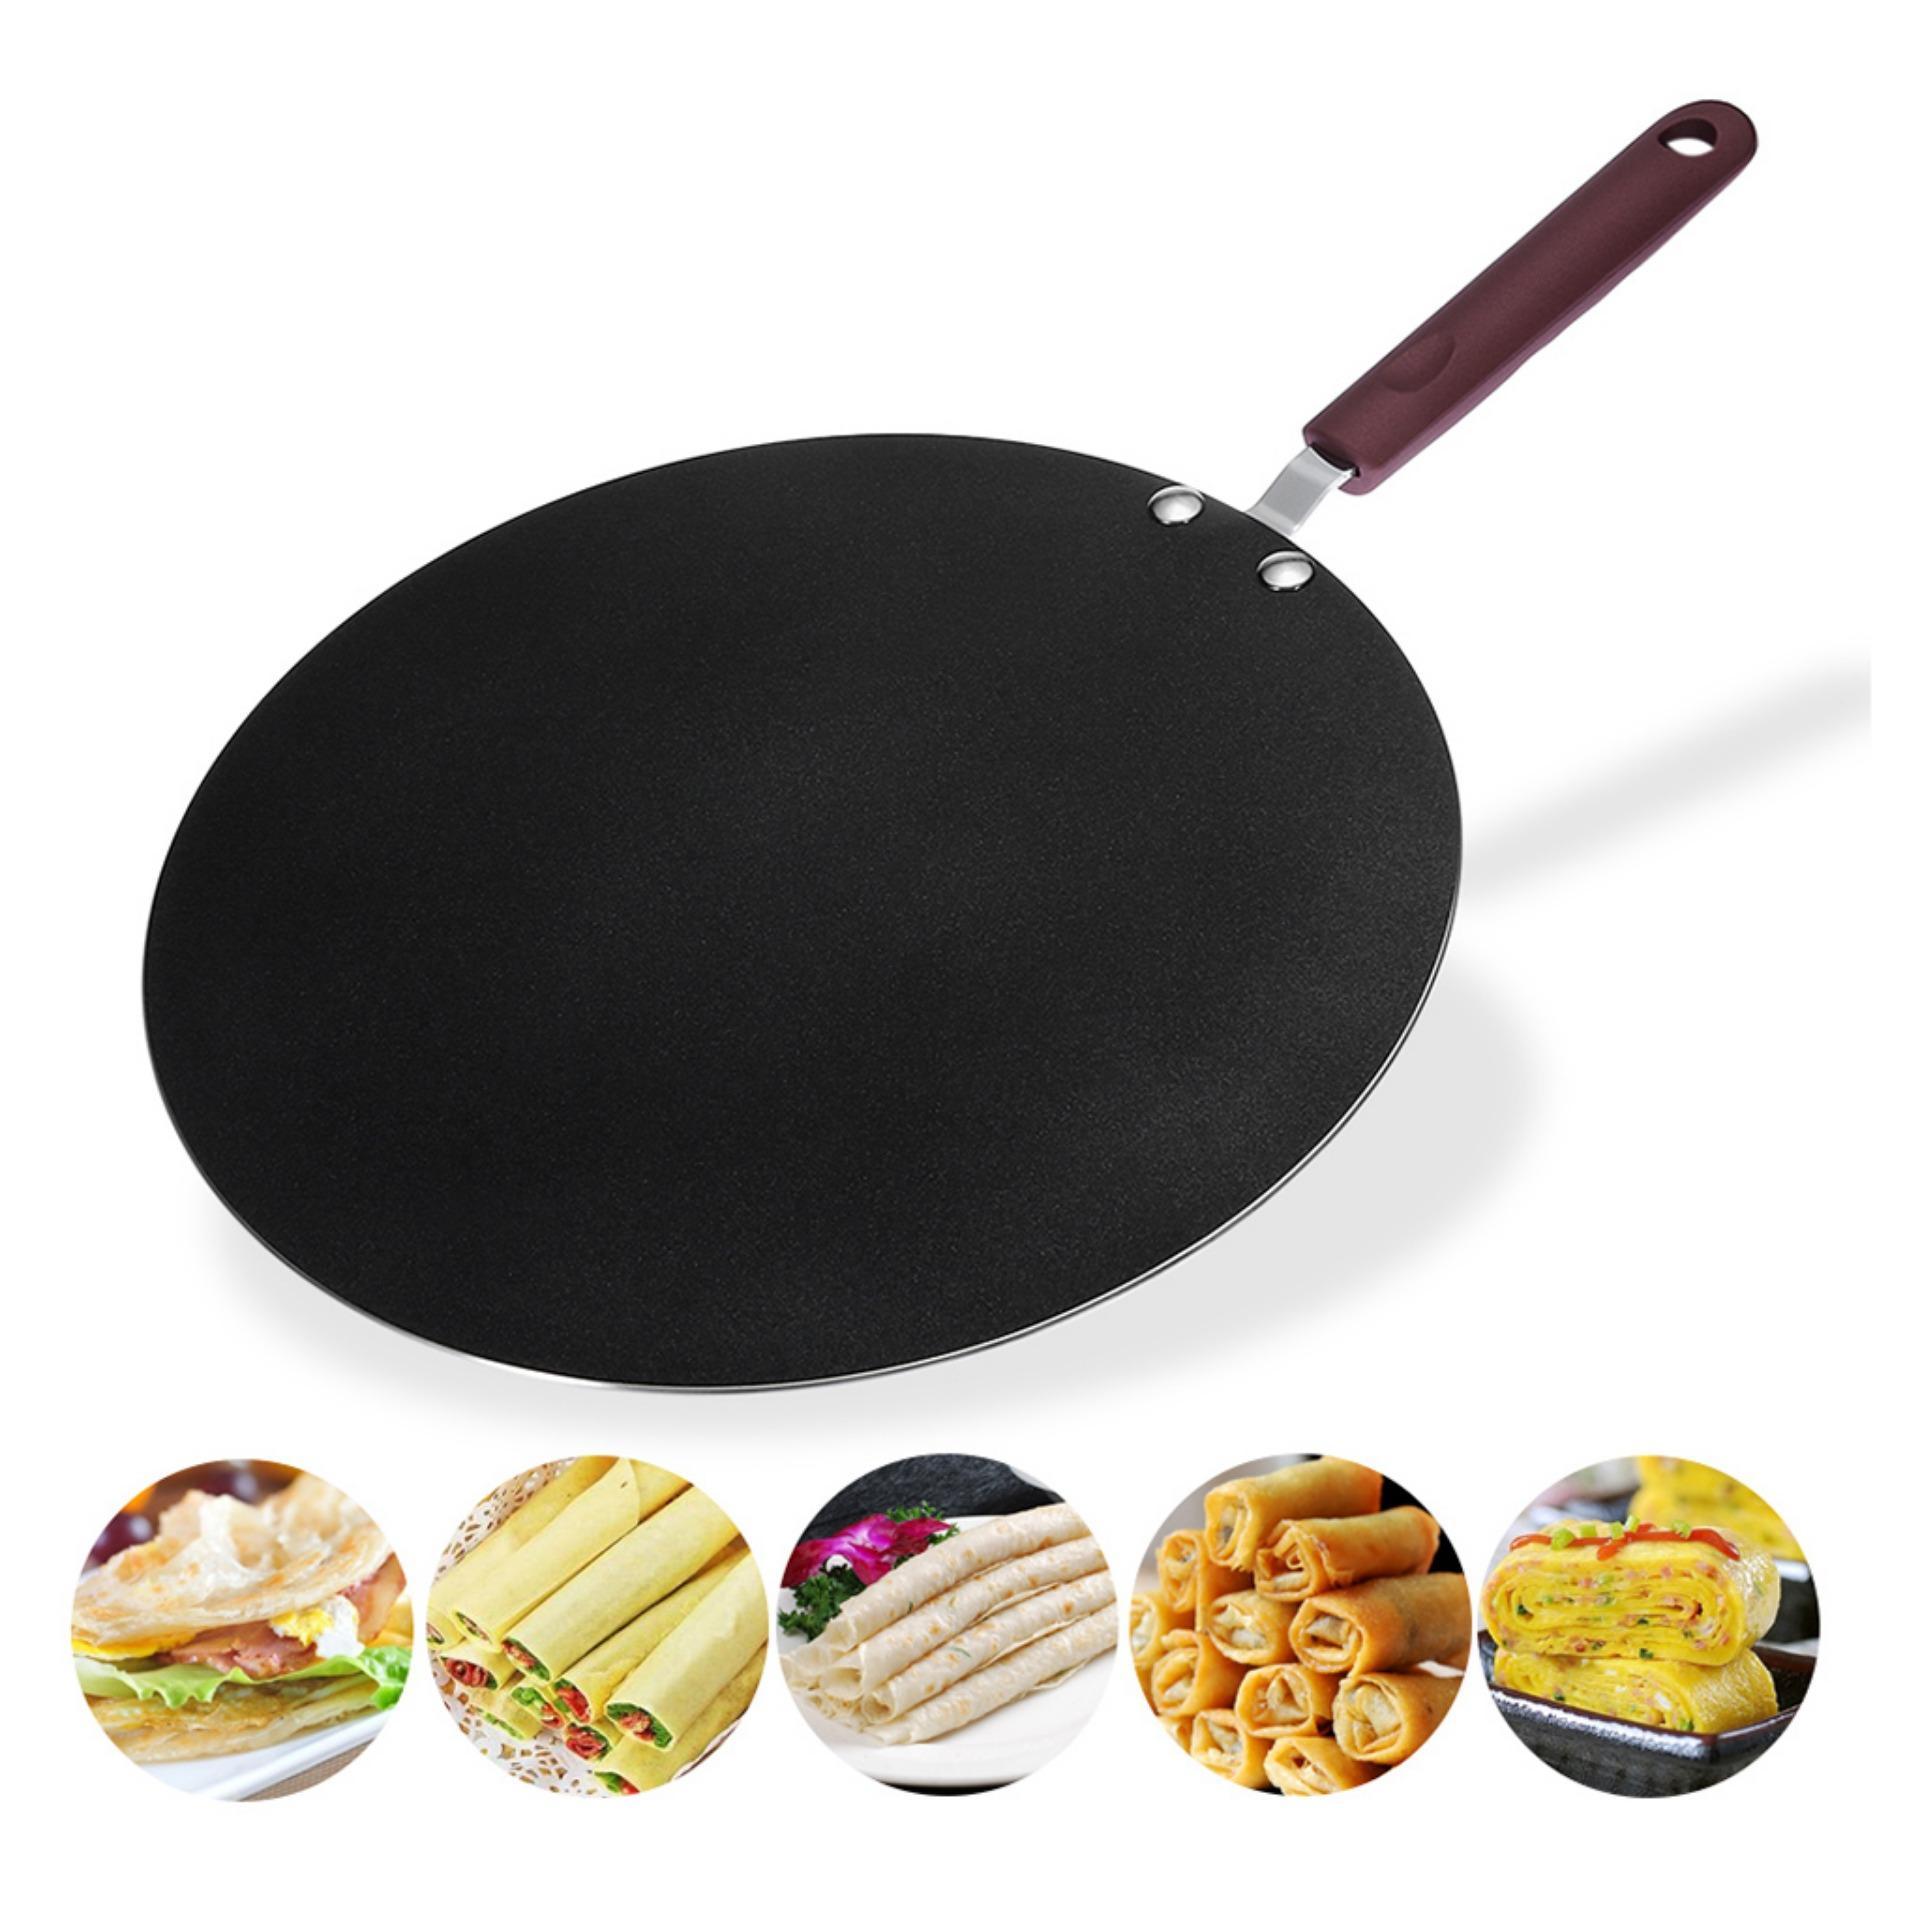 Sharprepublic 30 Cm Dosa Tava Chảo Chiên, Bánh Kếp, Rotti Làm Bánh Mì, Trứng Chiên, Bánh Mì Dẹt